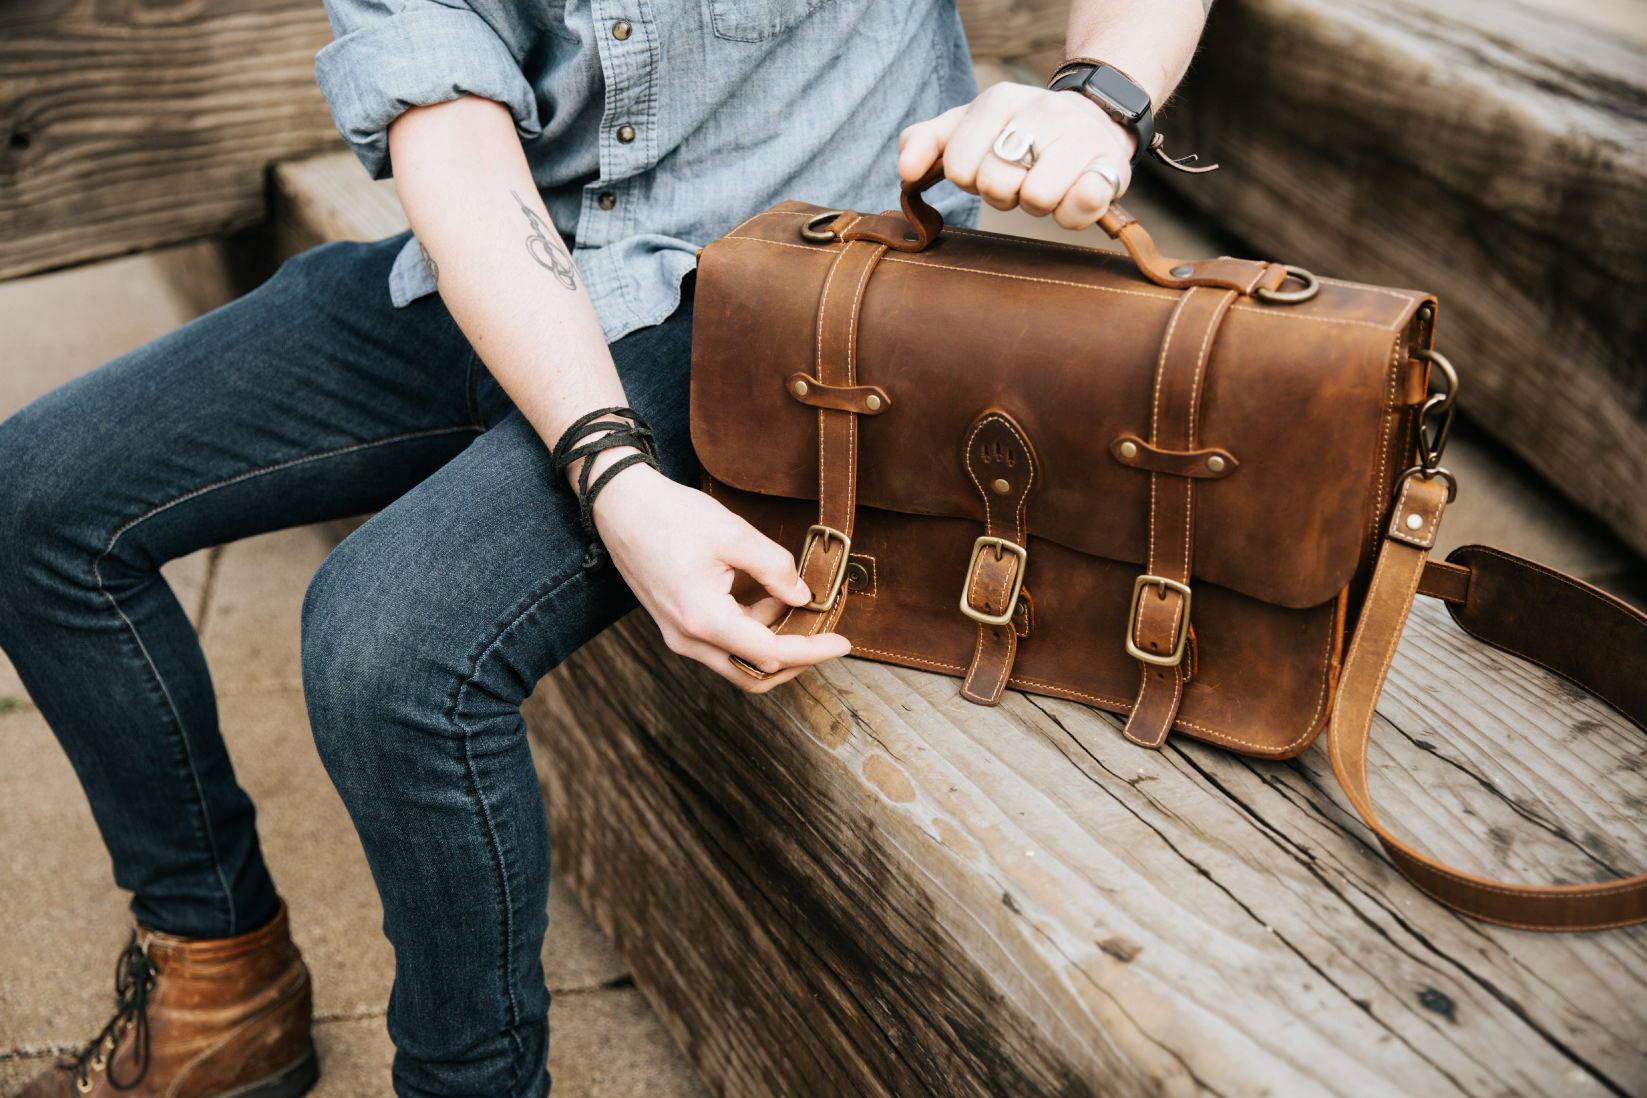 man unbuckling leather messenger bag